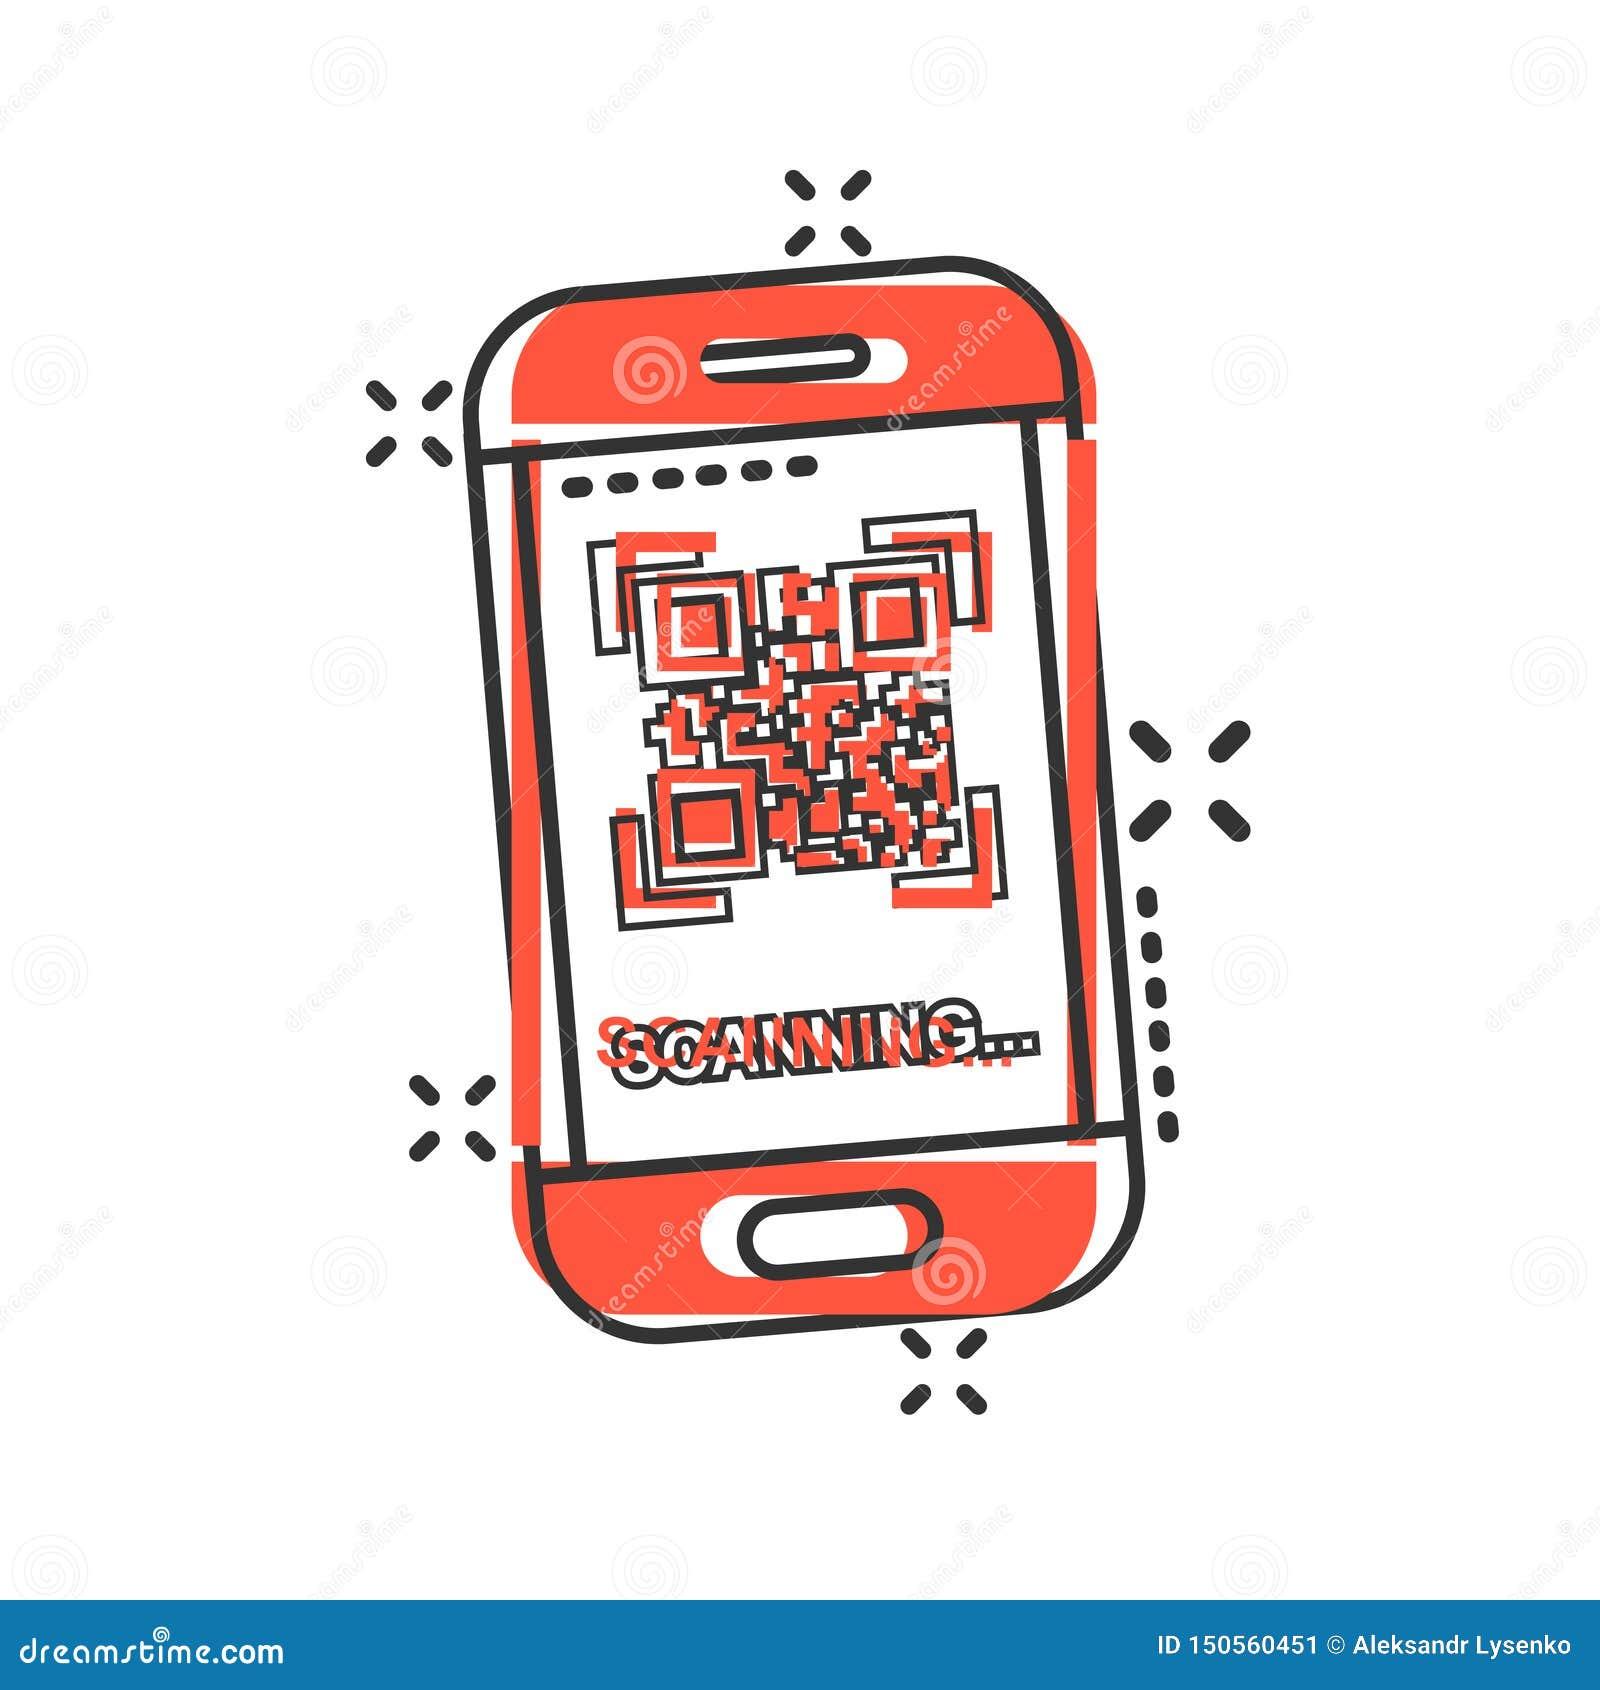 Qr kodu obrazu cyfrowego telefonu ikona w komiczka stylu Przeszukiwacz w smartphone kreskówki wektorowej ilustracji na białym odo